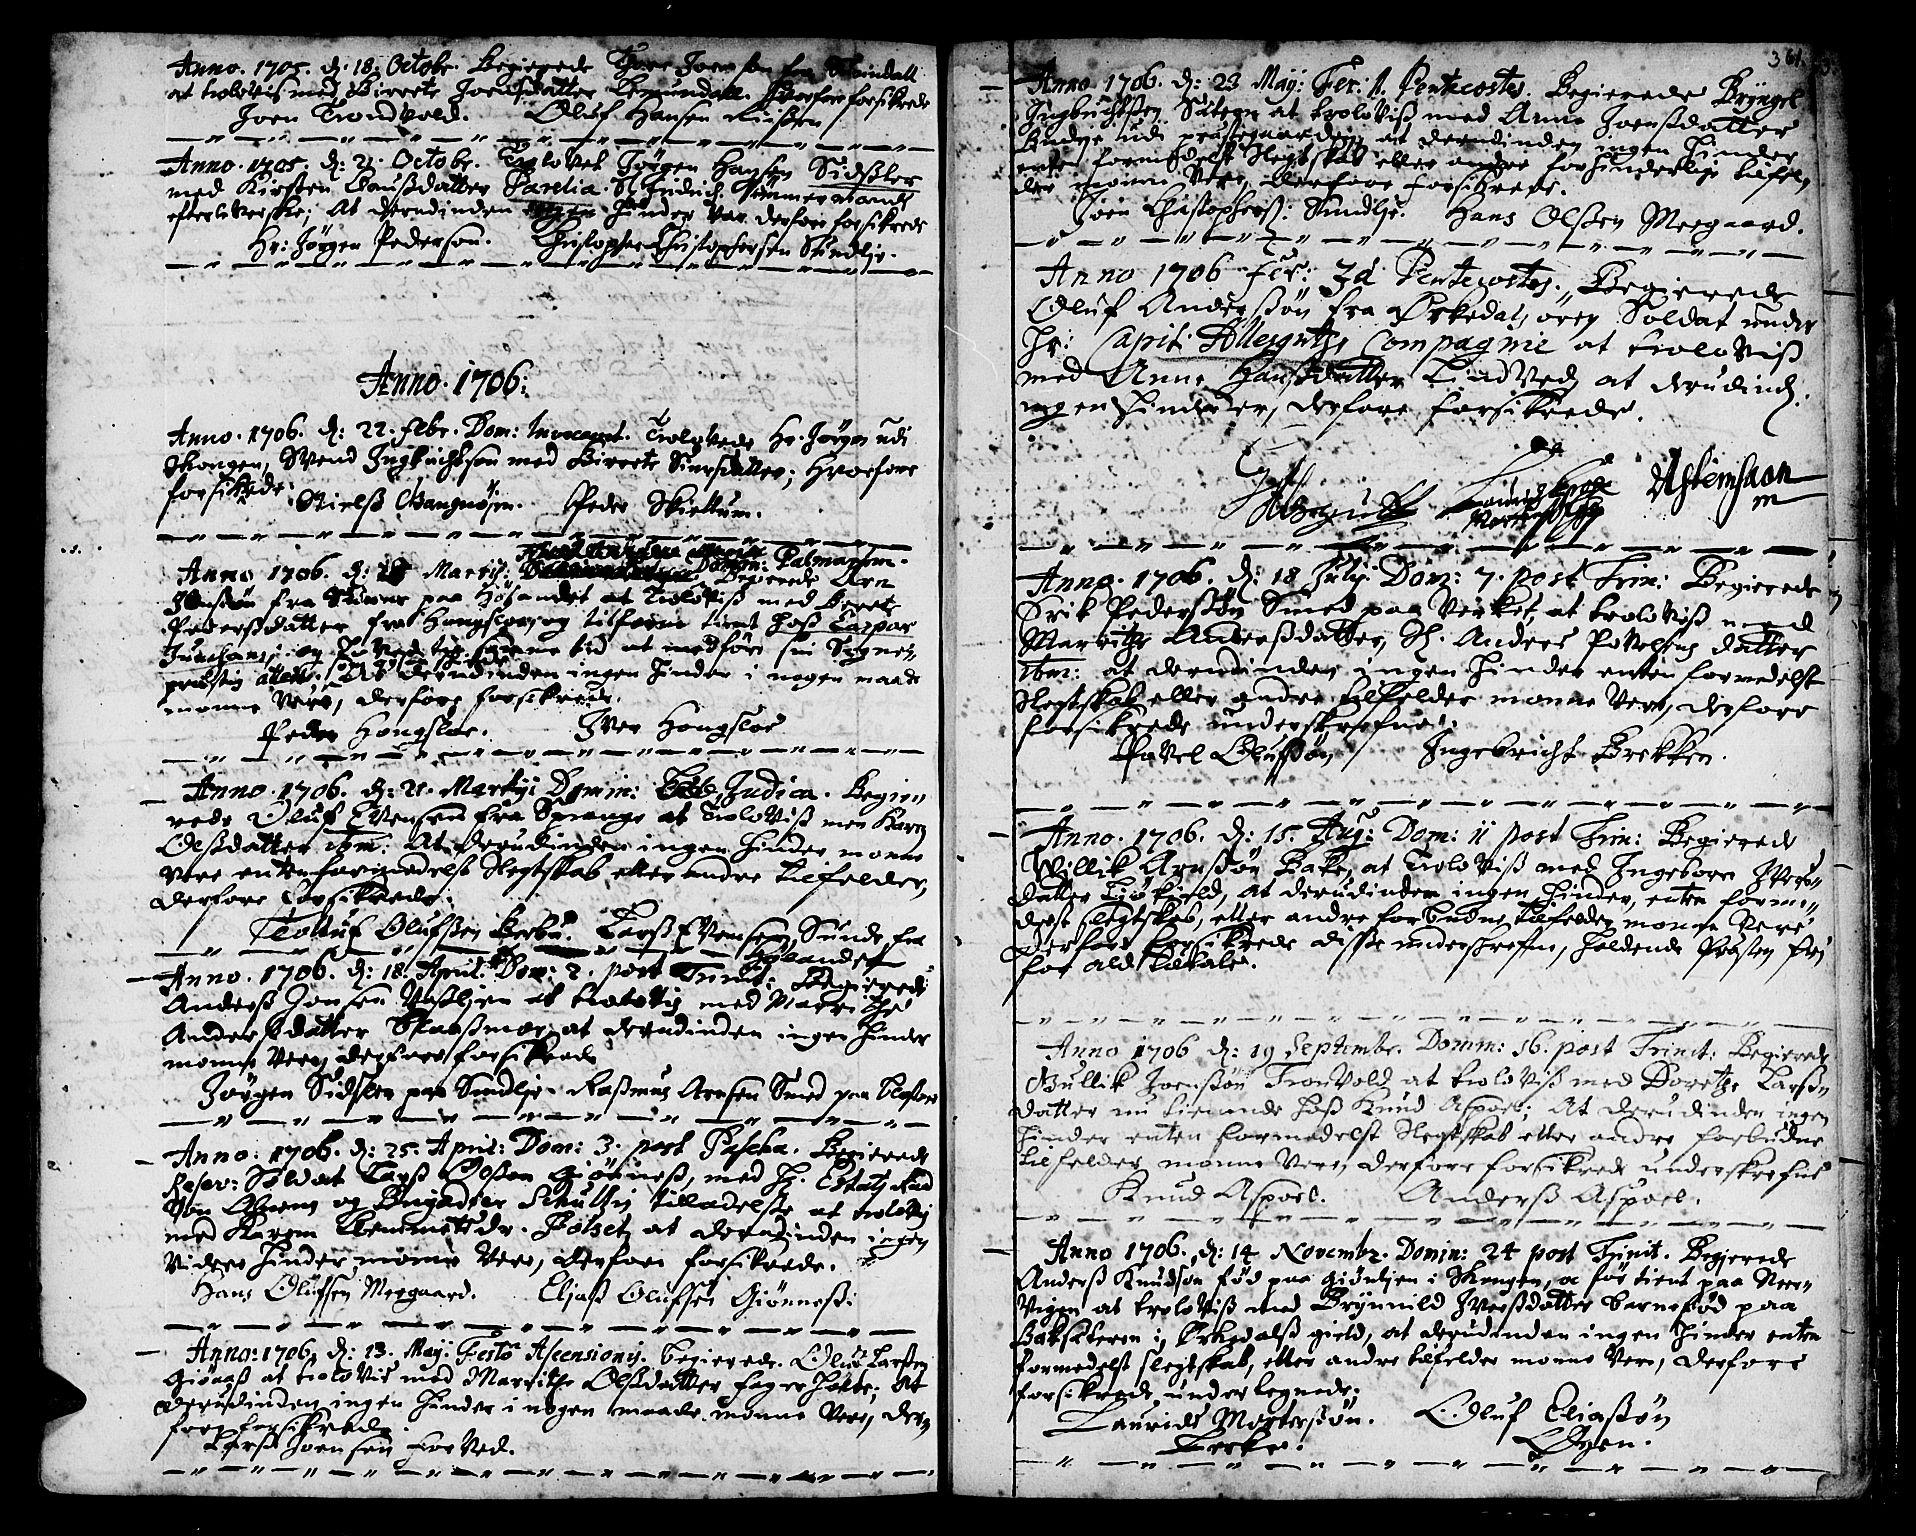 SAT, Ministerialprotokoller, klokkerbøker og fødselsregistre - Sør-Trøndelag, 668/L0801: Ministerialbok nr. 668A01, 1695-1716, s. 360-361